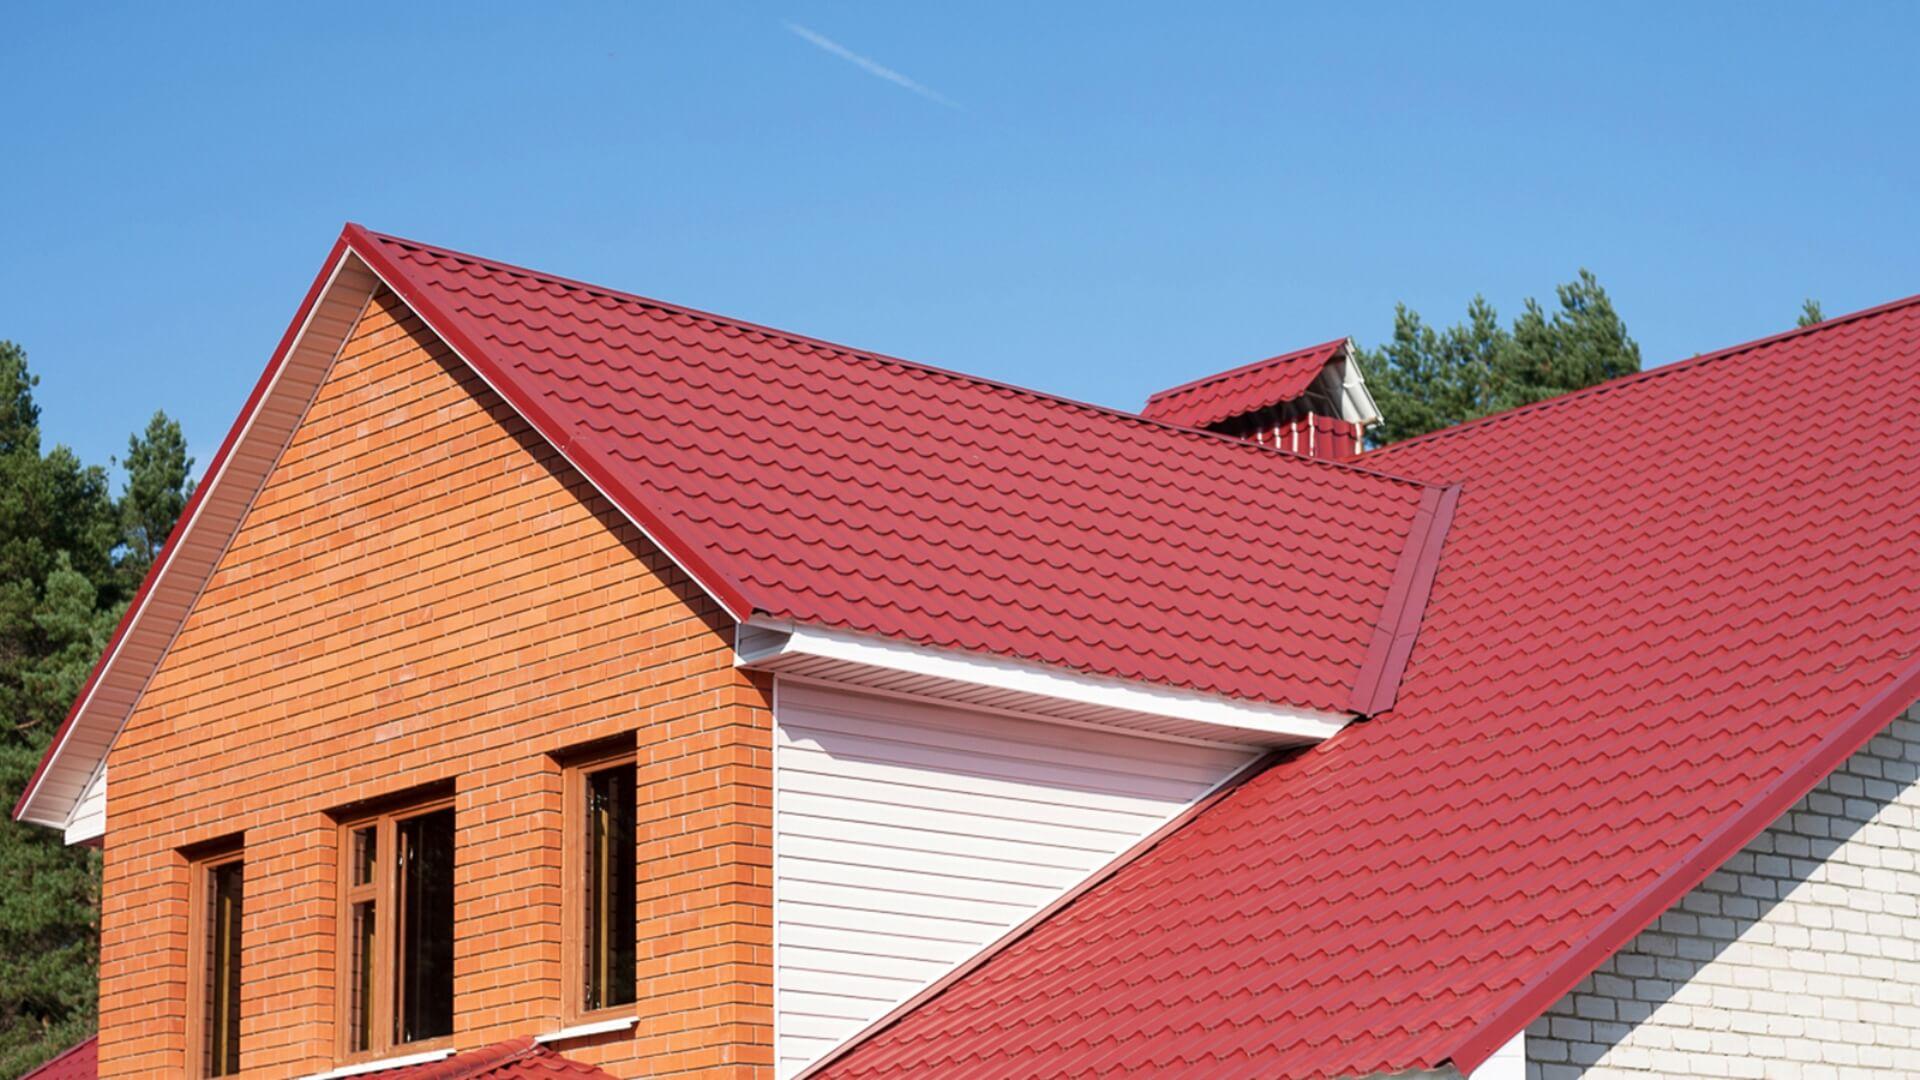 имеет фото крыши домов из металлочерепицы монтеррей работает спрингфилде атомной